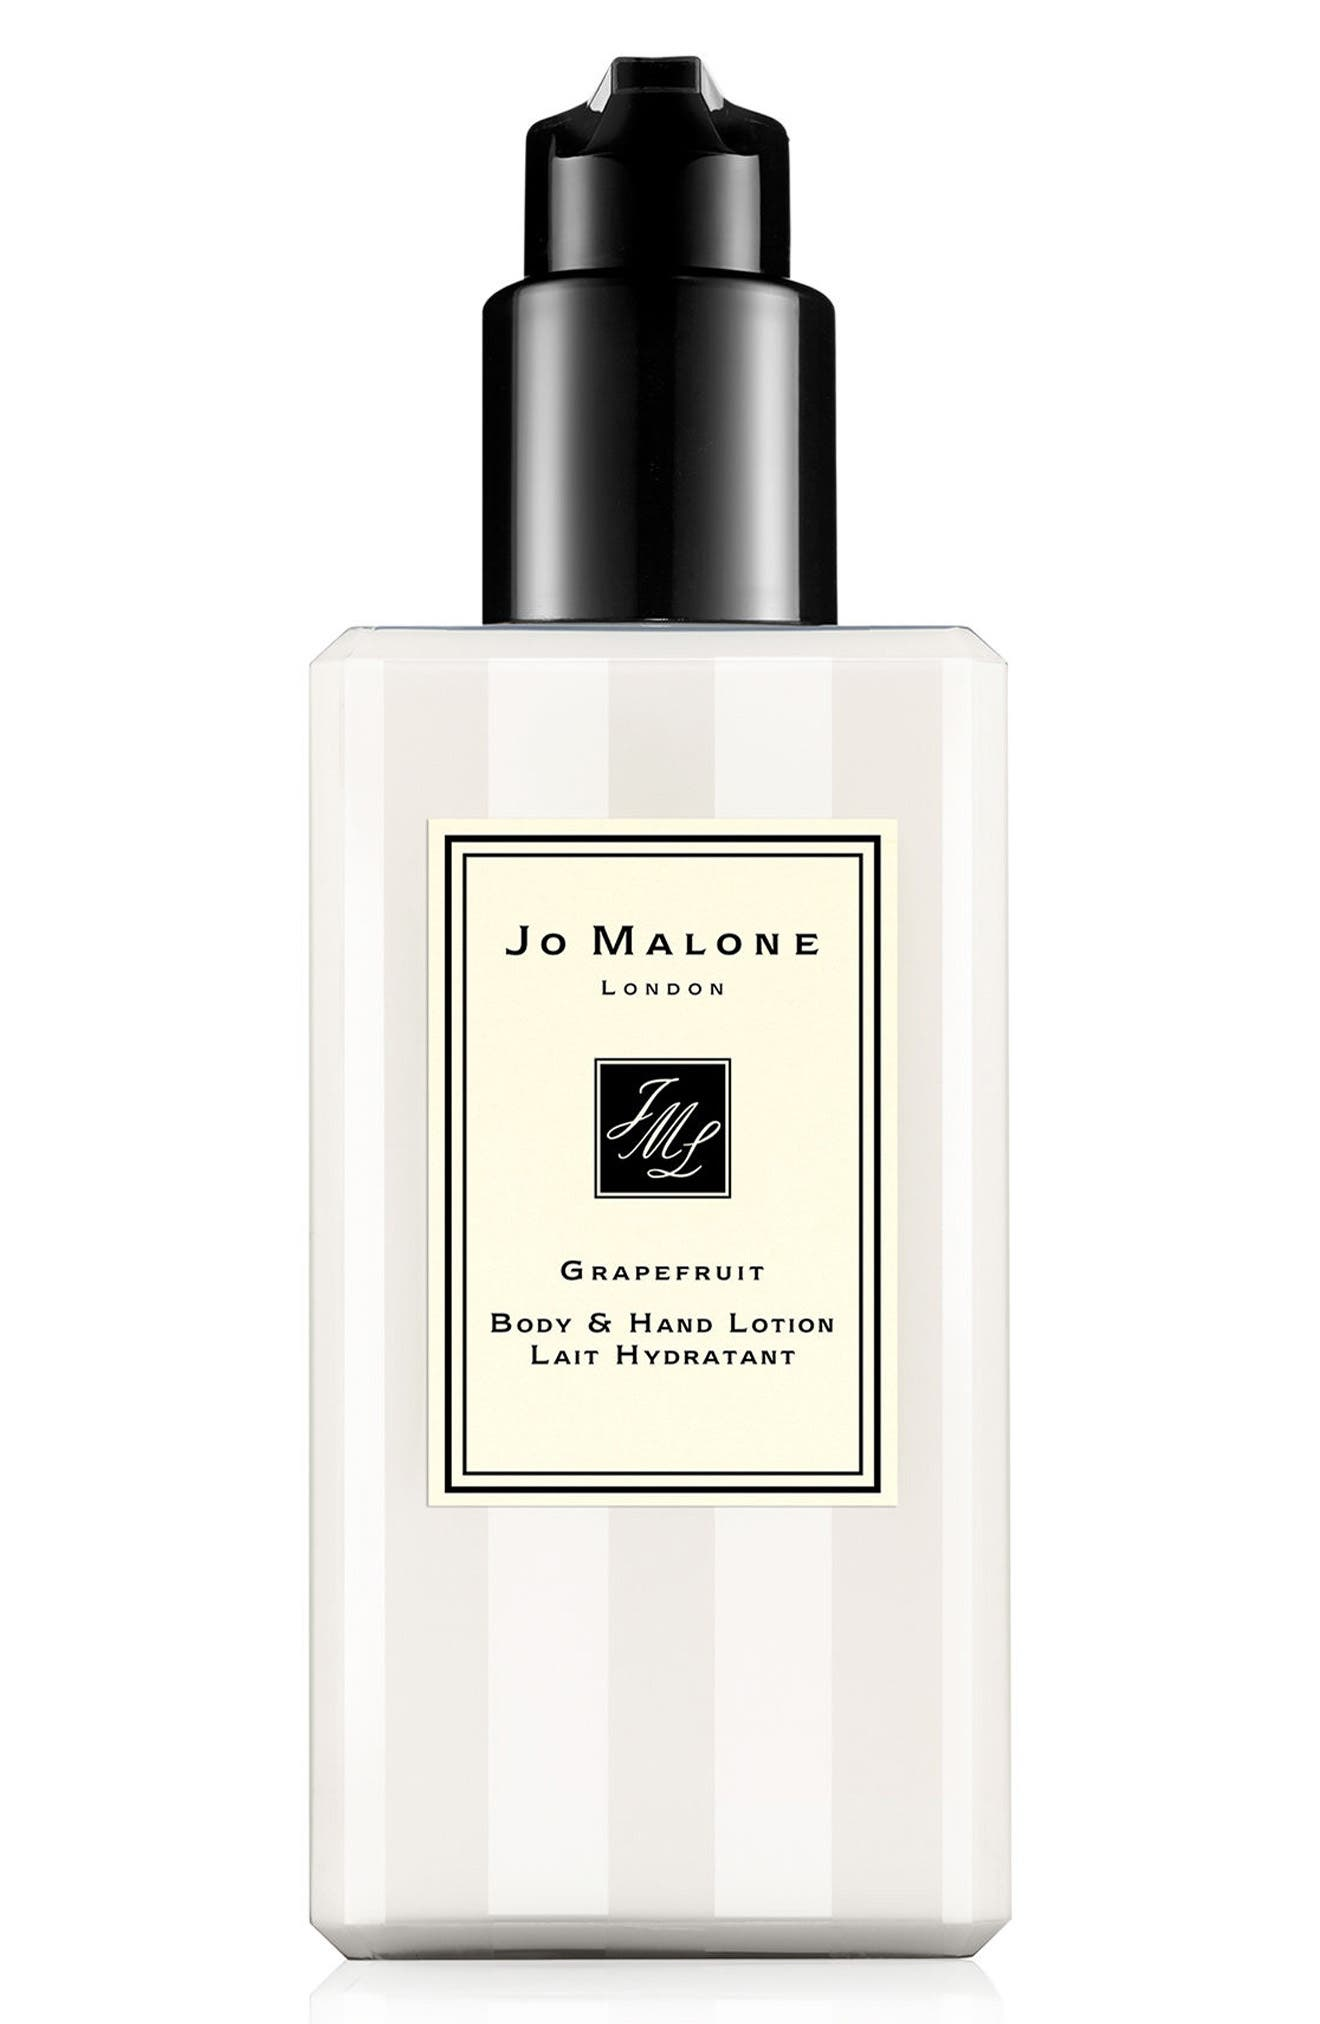 Jo Malone London™ Grapefruit Body Lotion